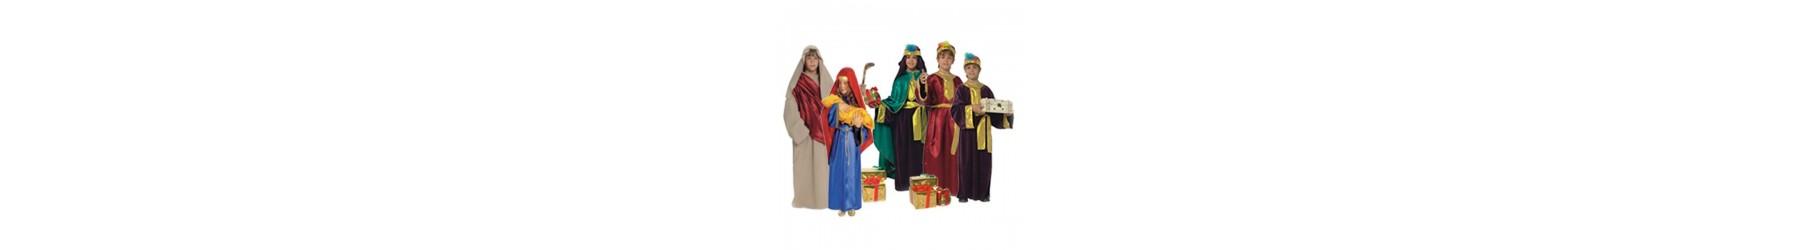 Χριστουγεννιάτικες παιδικές στολές παραστάσεων